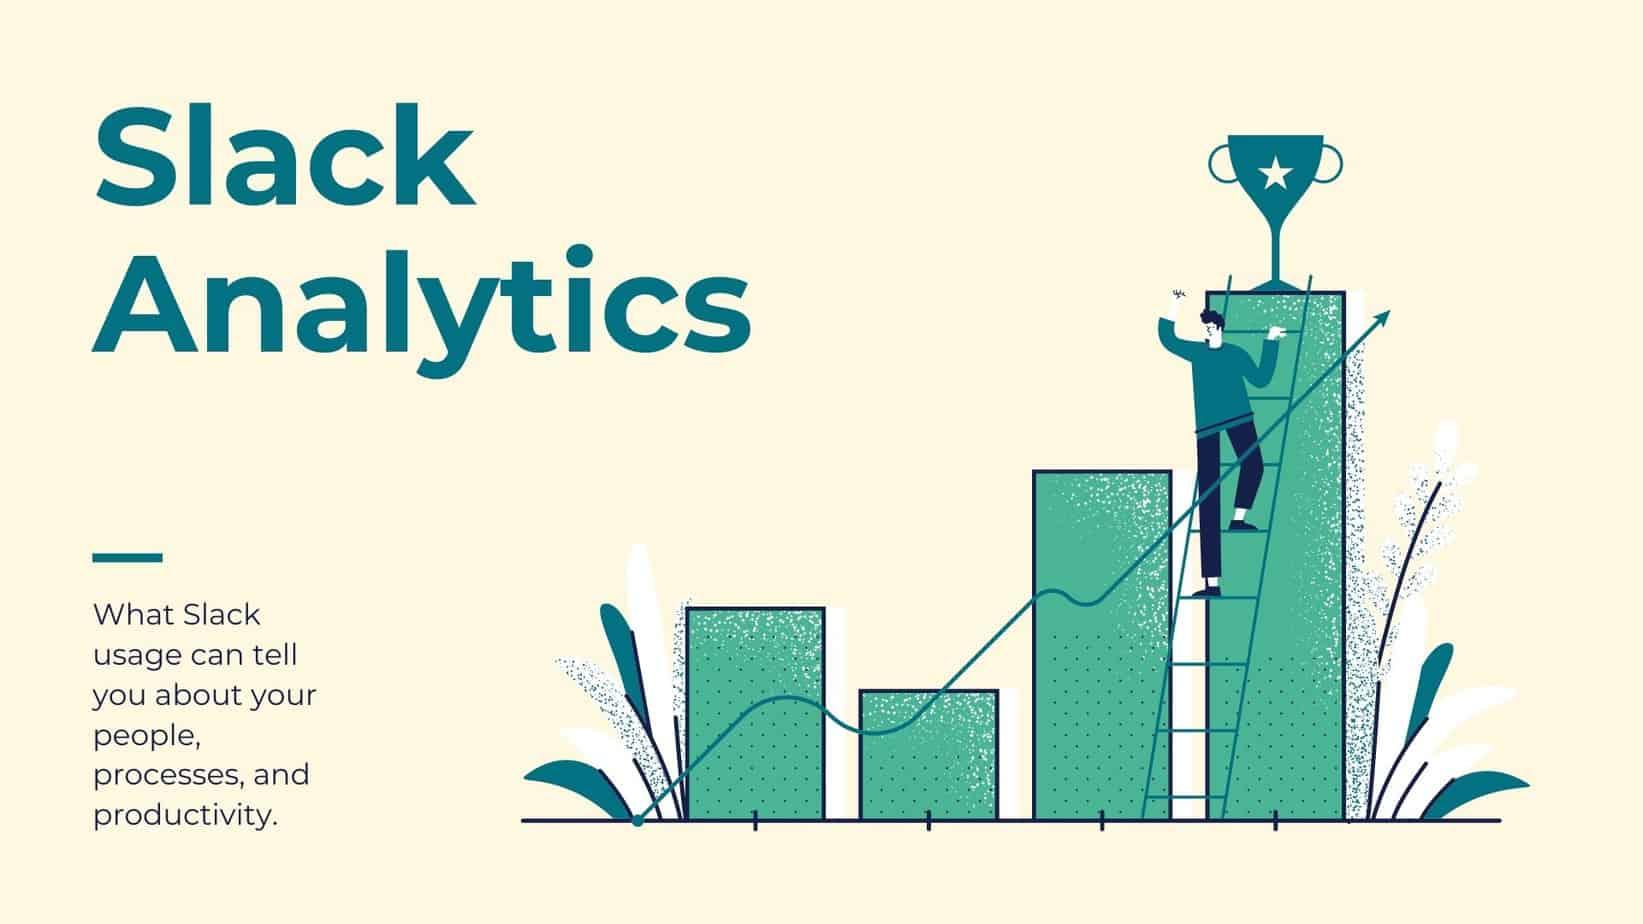 Slack Analytics